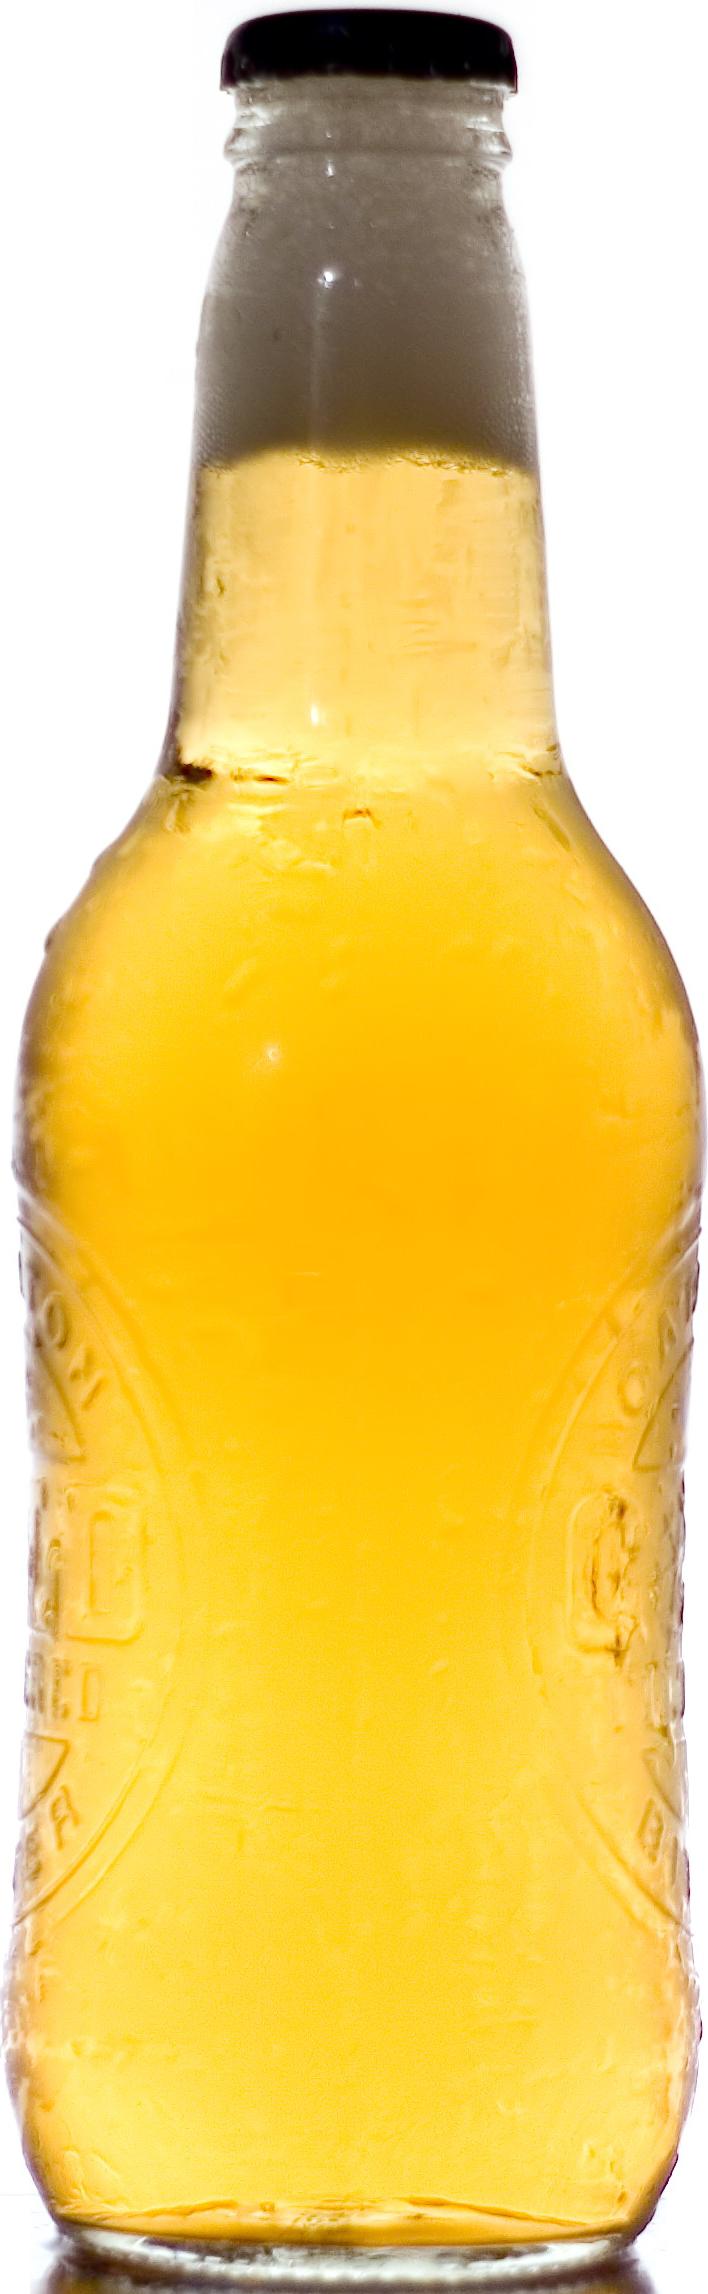 Бутылка пива PNG фото